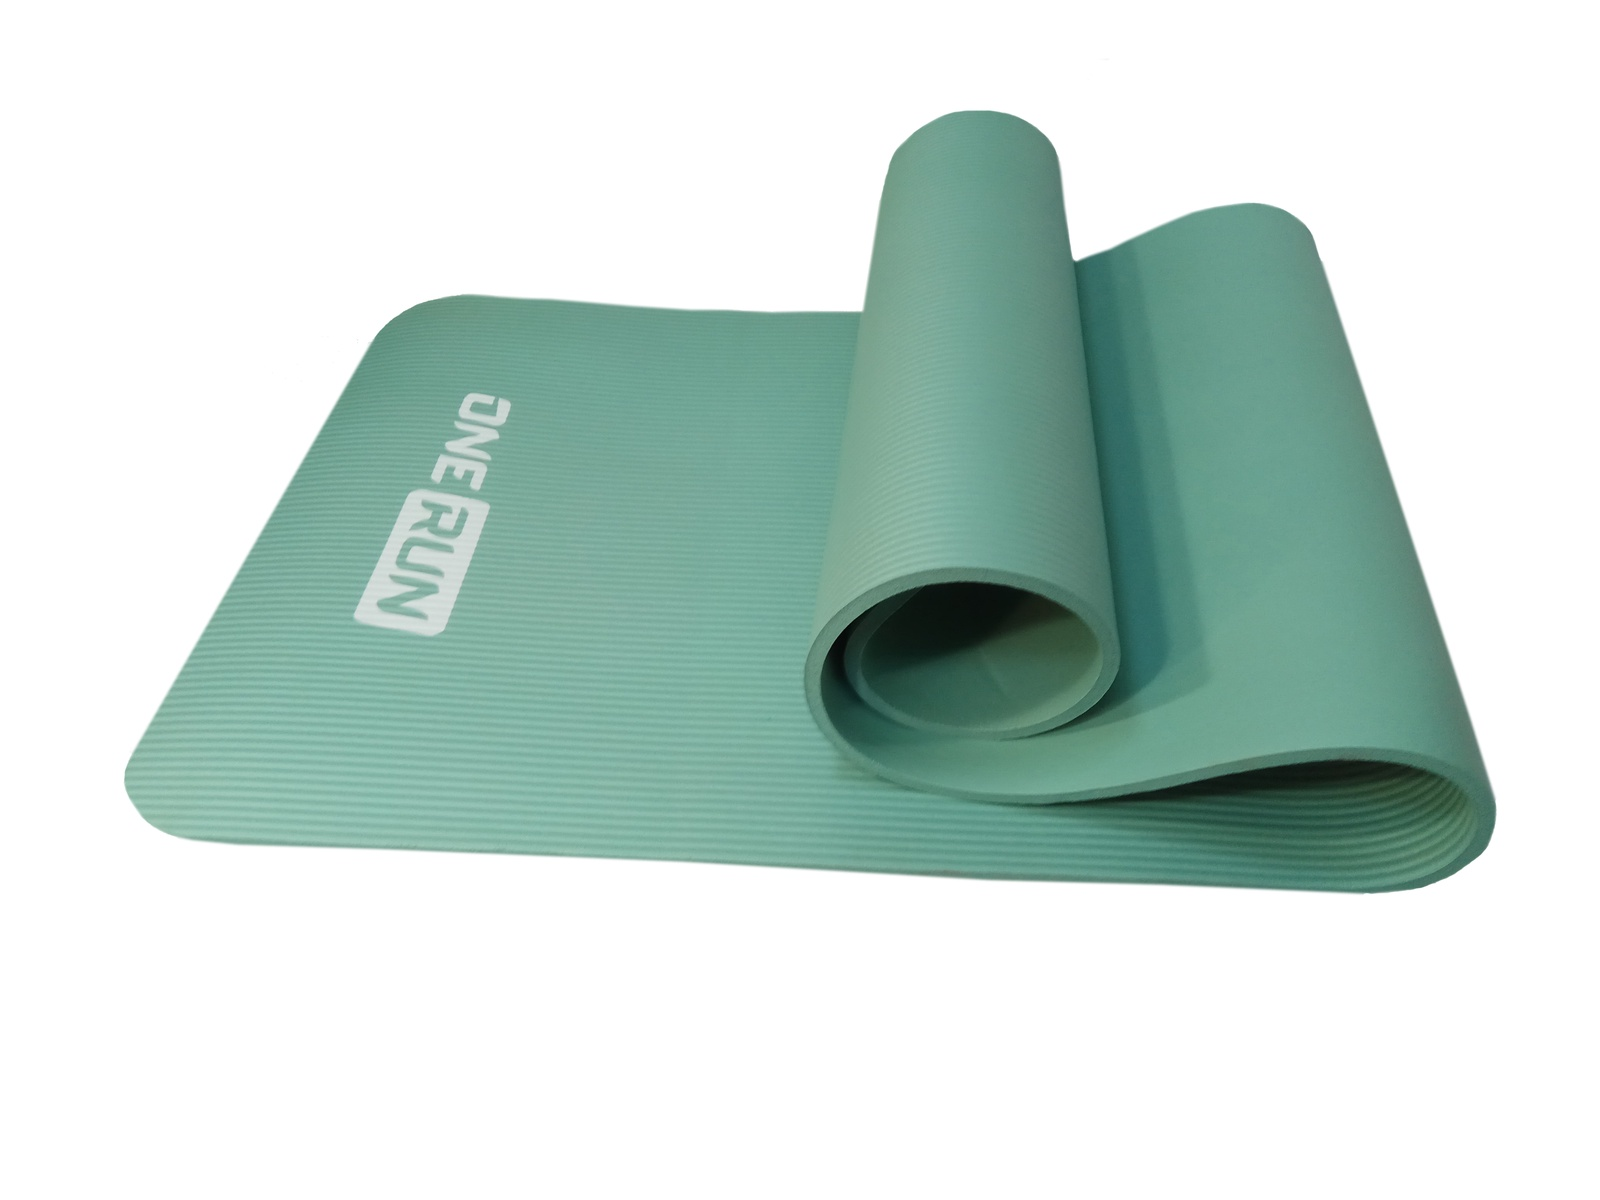 Коврик для йоги и фитнеса OneRun 495-4847, бирюзовый коврик для йоги onerun цвет фиолетовый 183 х 61 х 0 4 см